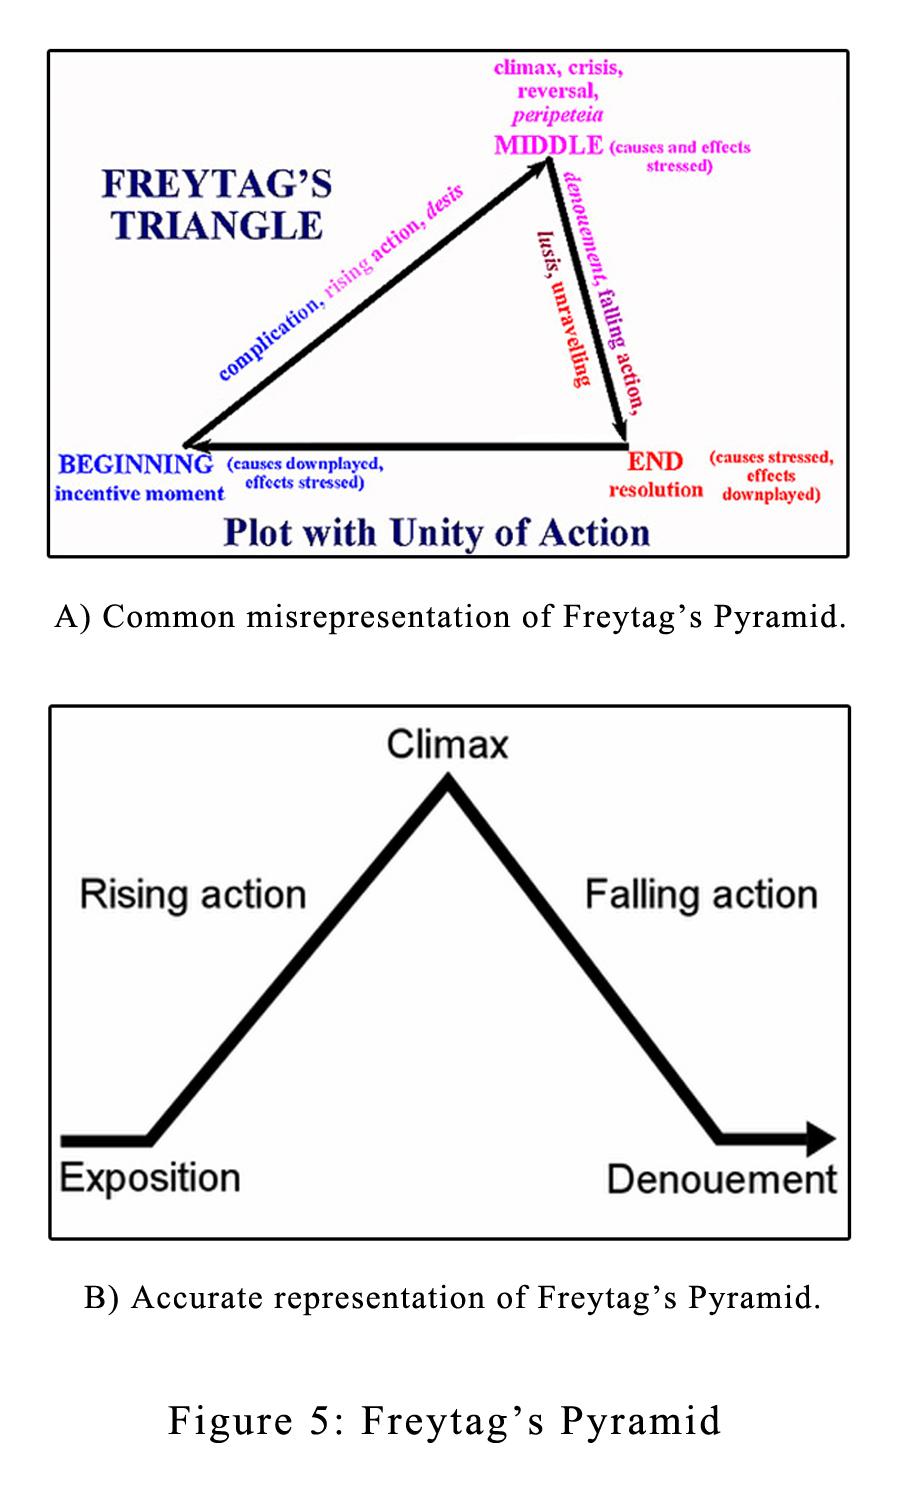 Freytag Pyramid : freytag, pyramid, Freytag's, Pyramid, Ingrid's, Notes